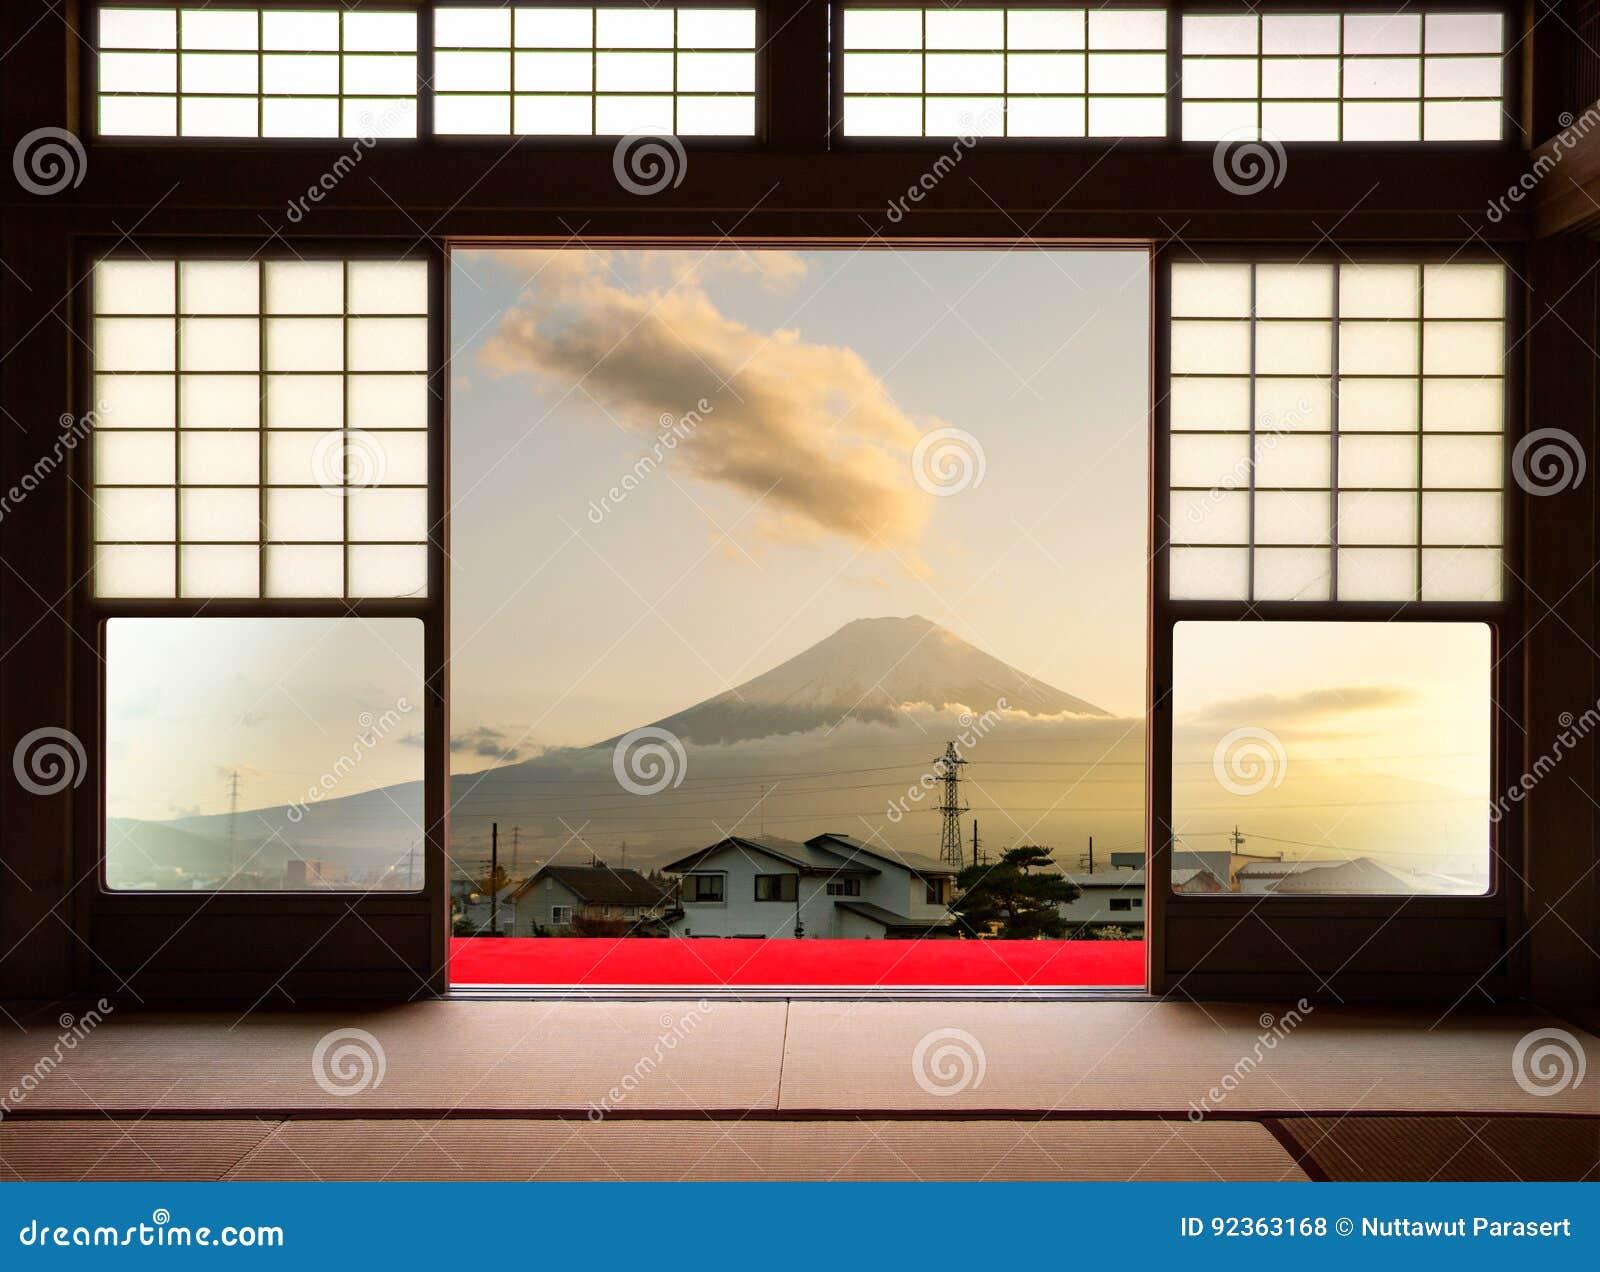 Casa Interior Japonesa Tradicional Y Puertas Deslizantes De Papel - Puertas-japonesas-deslizantes